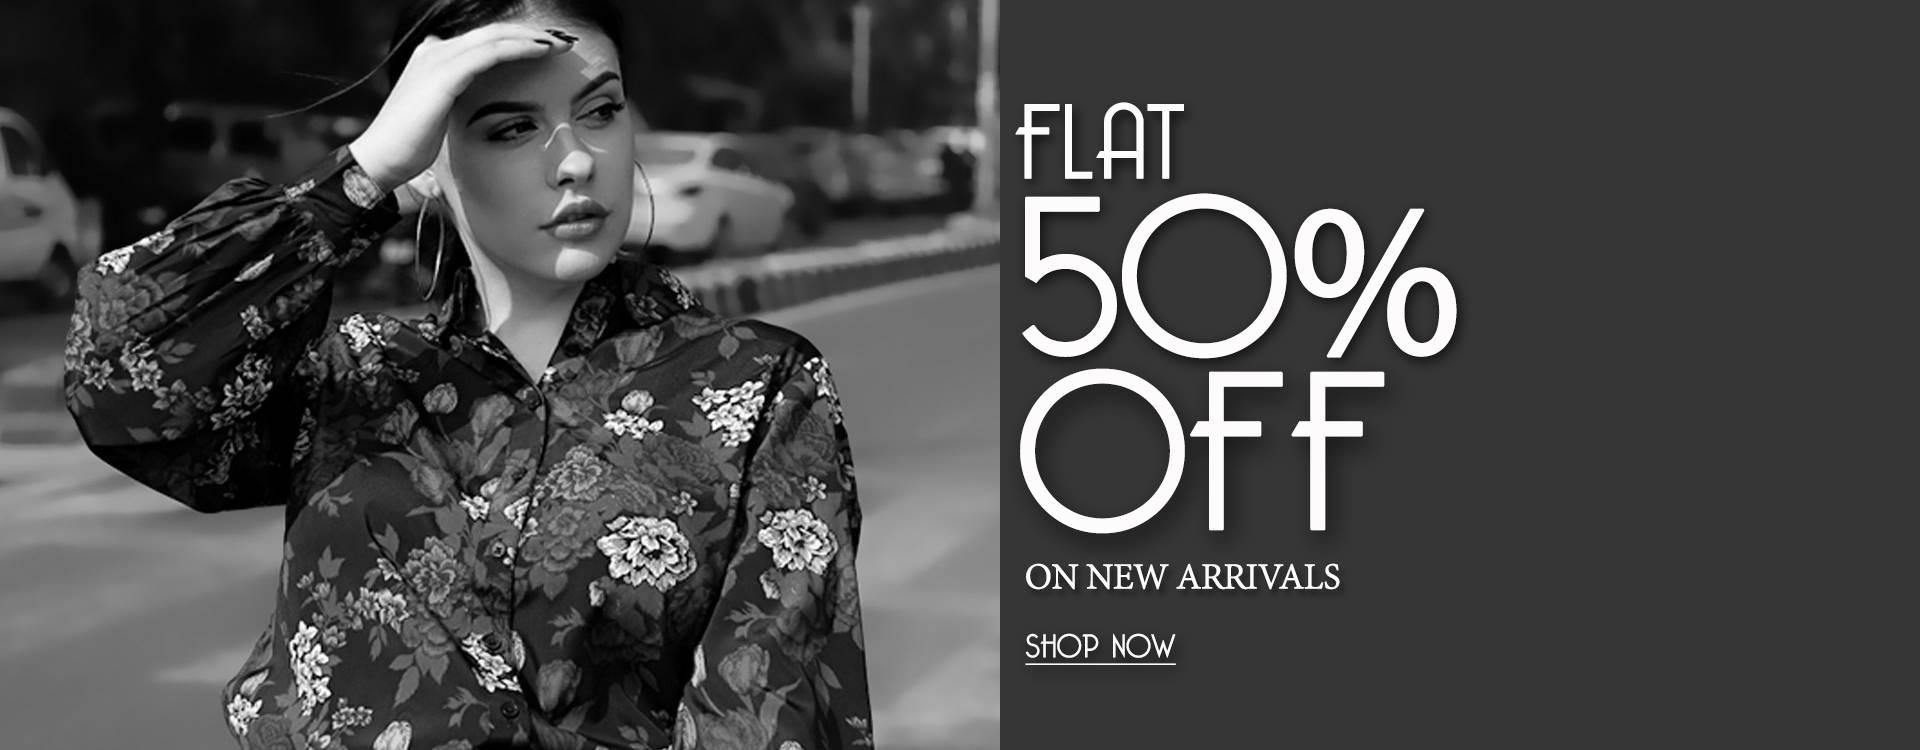 flat50%offonnew